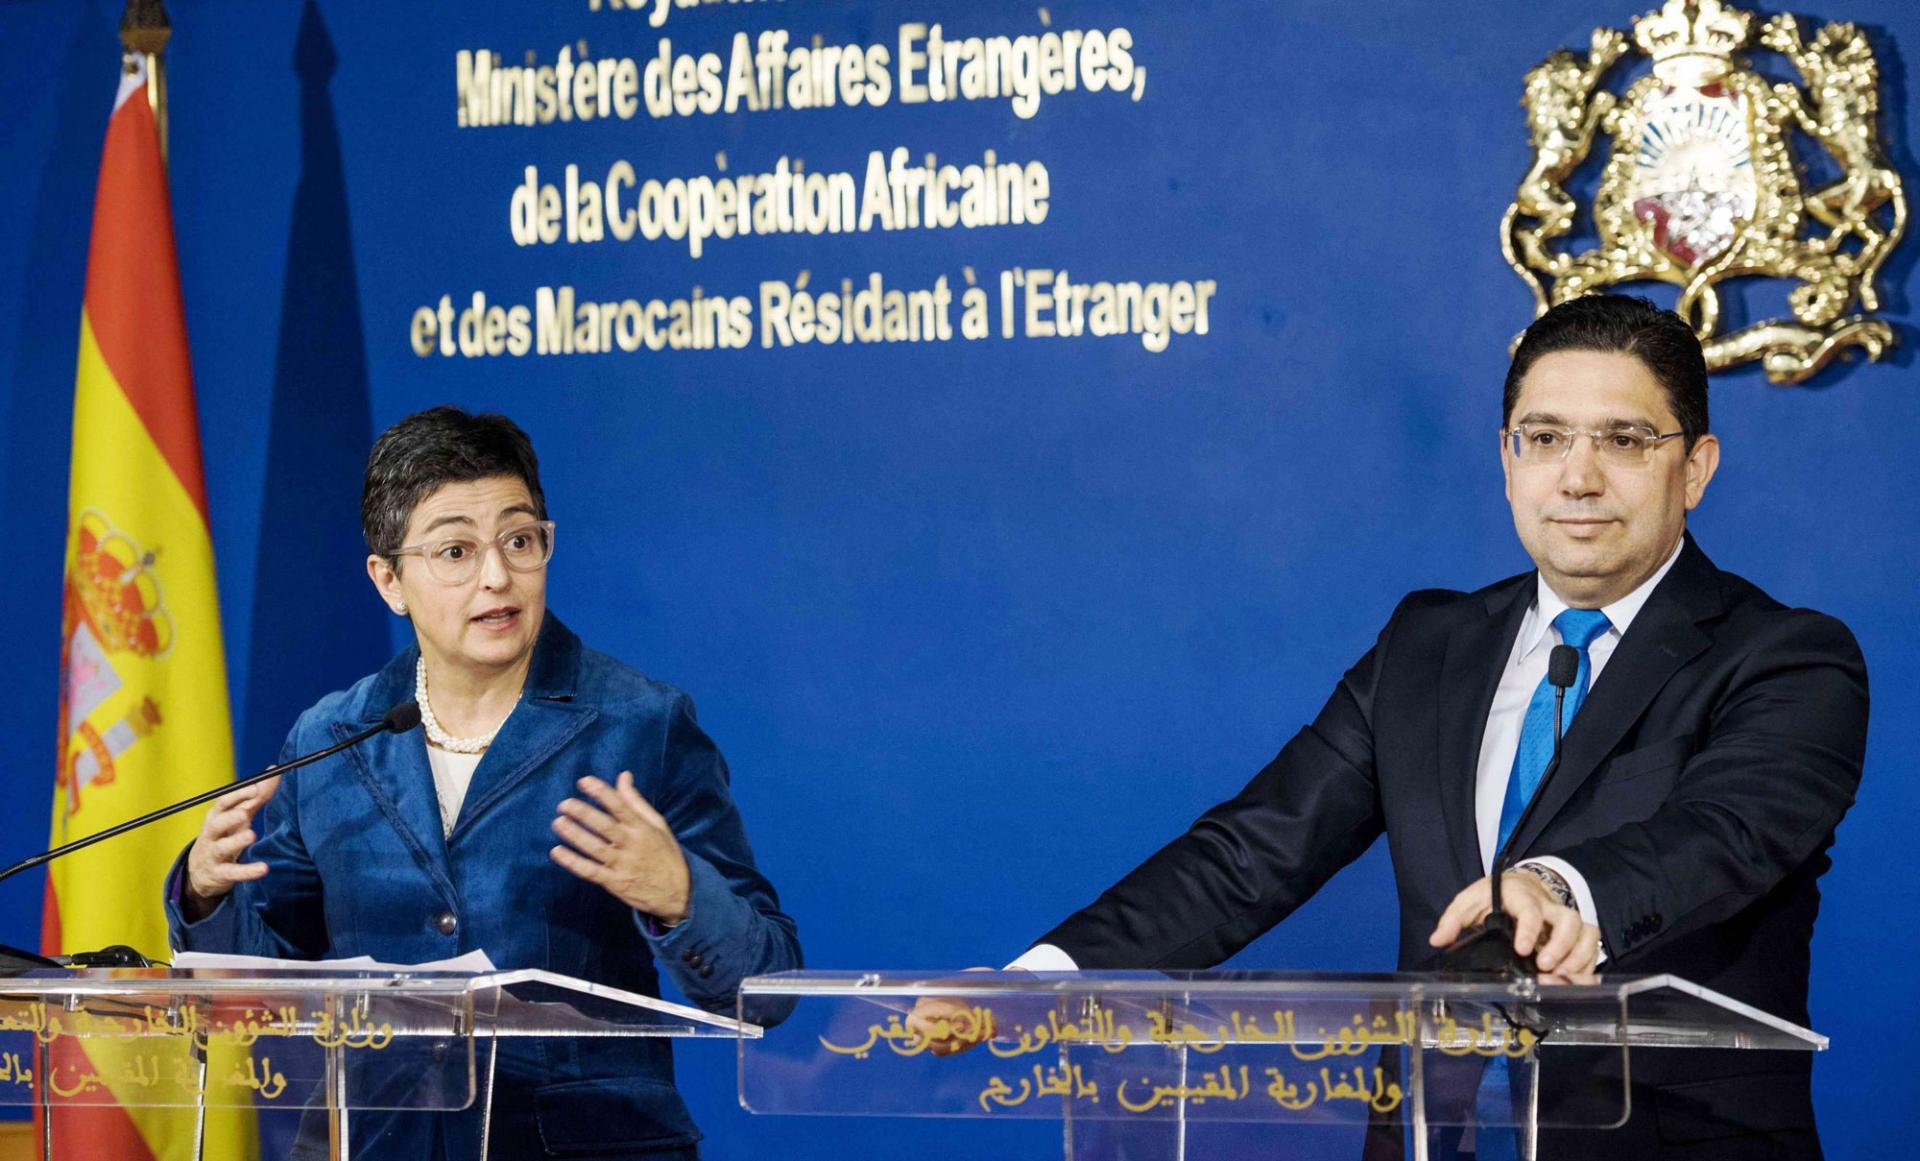 بعد ألمانيا.. اسبانيا خائفة من قطع المغرب لعلاقاته مع مدريد